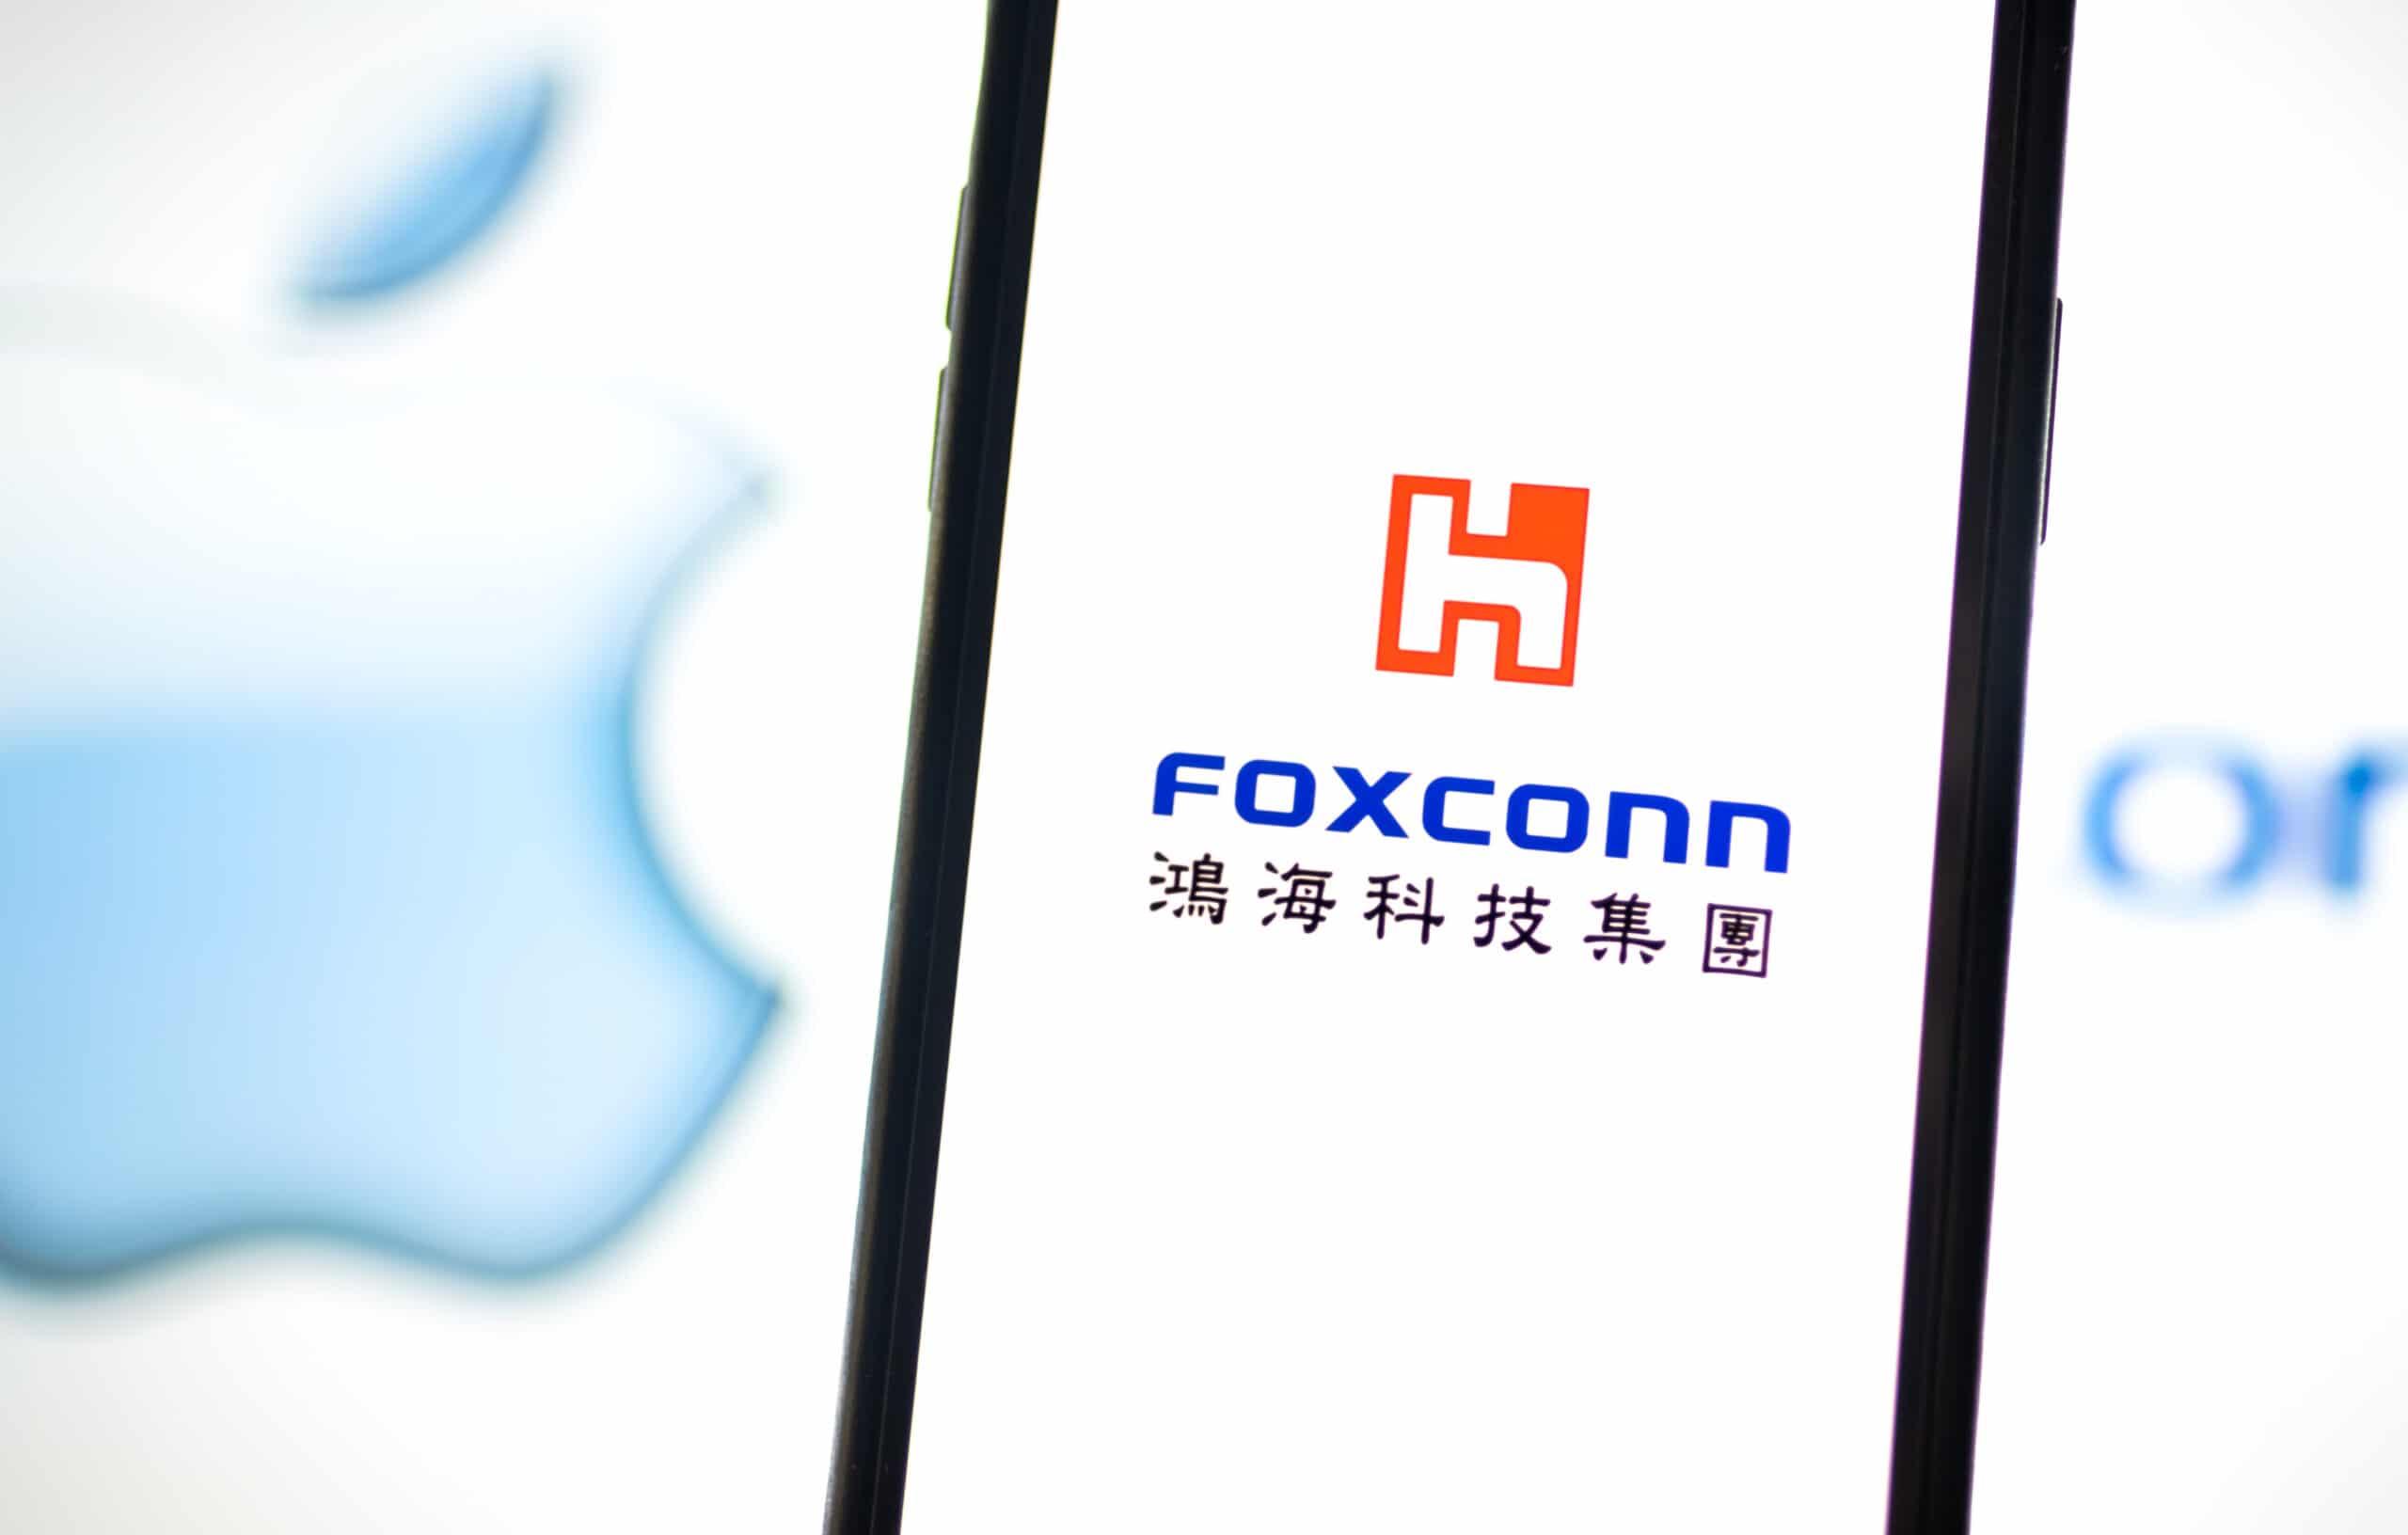 Logo da Foxconn em tela de iPhone